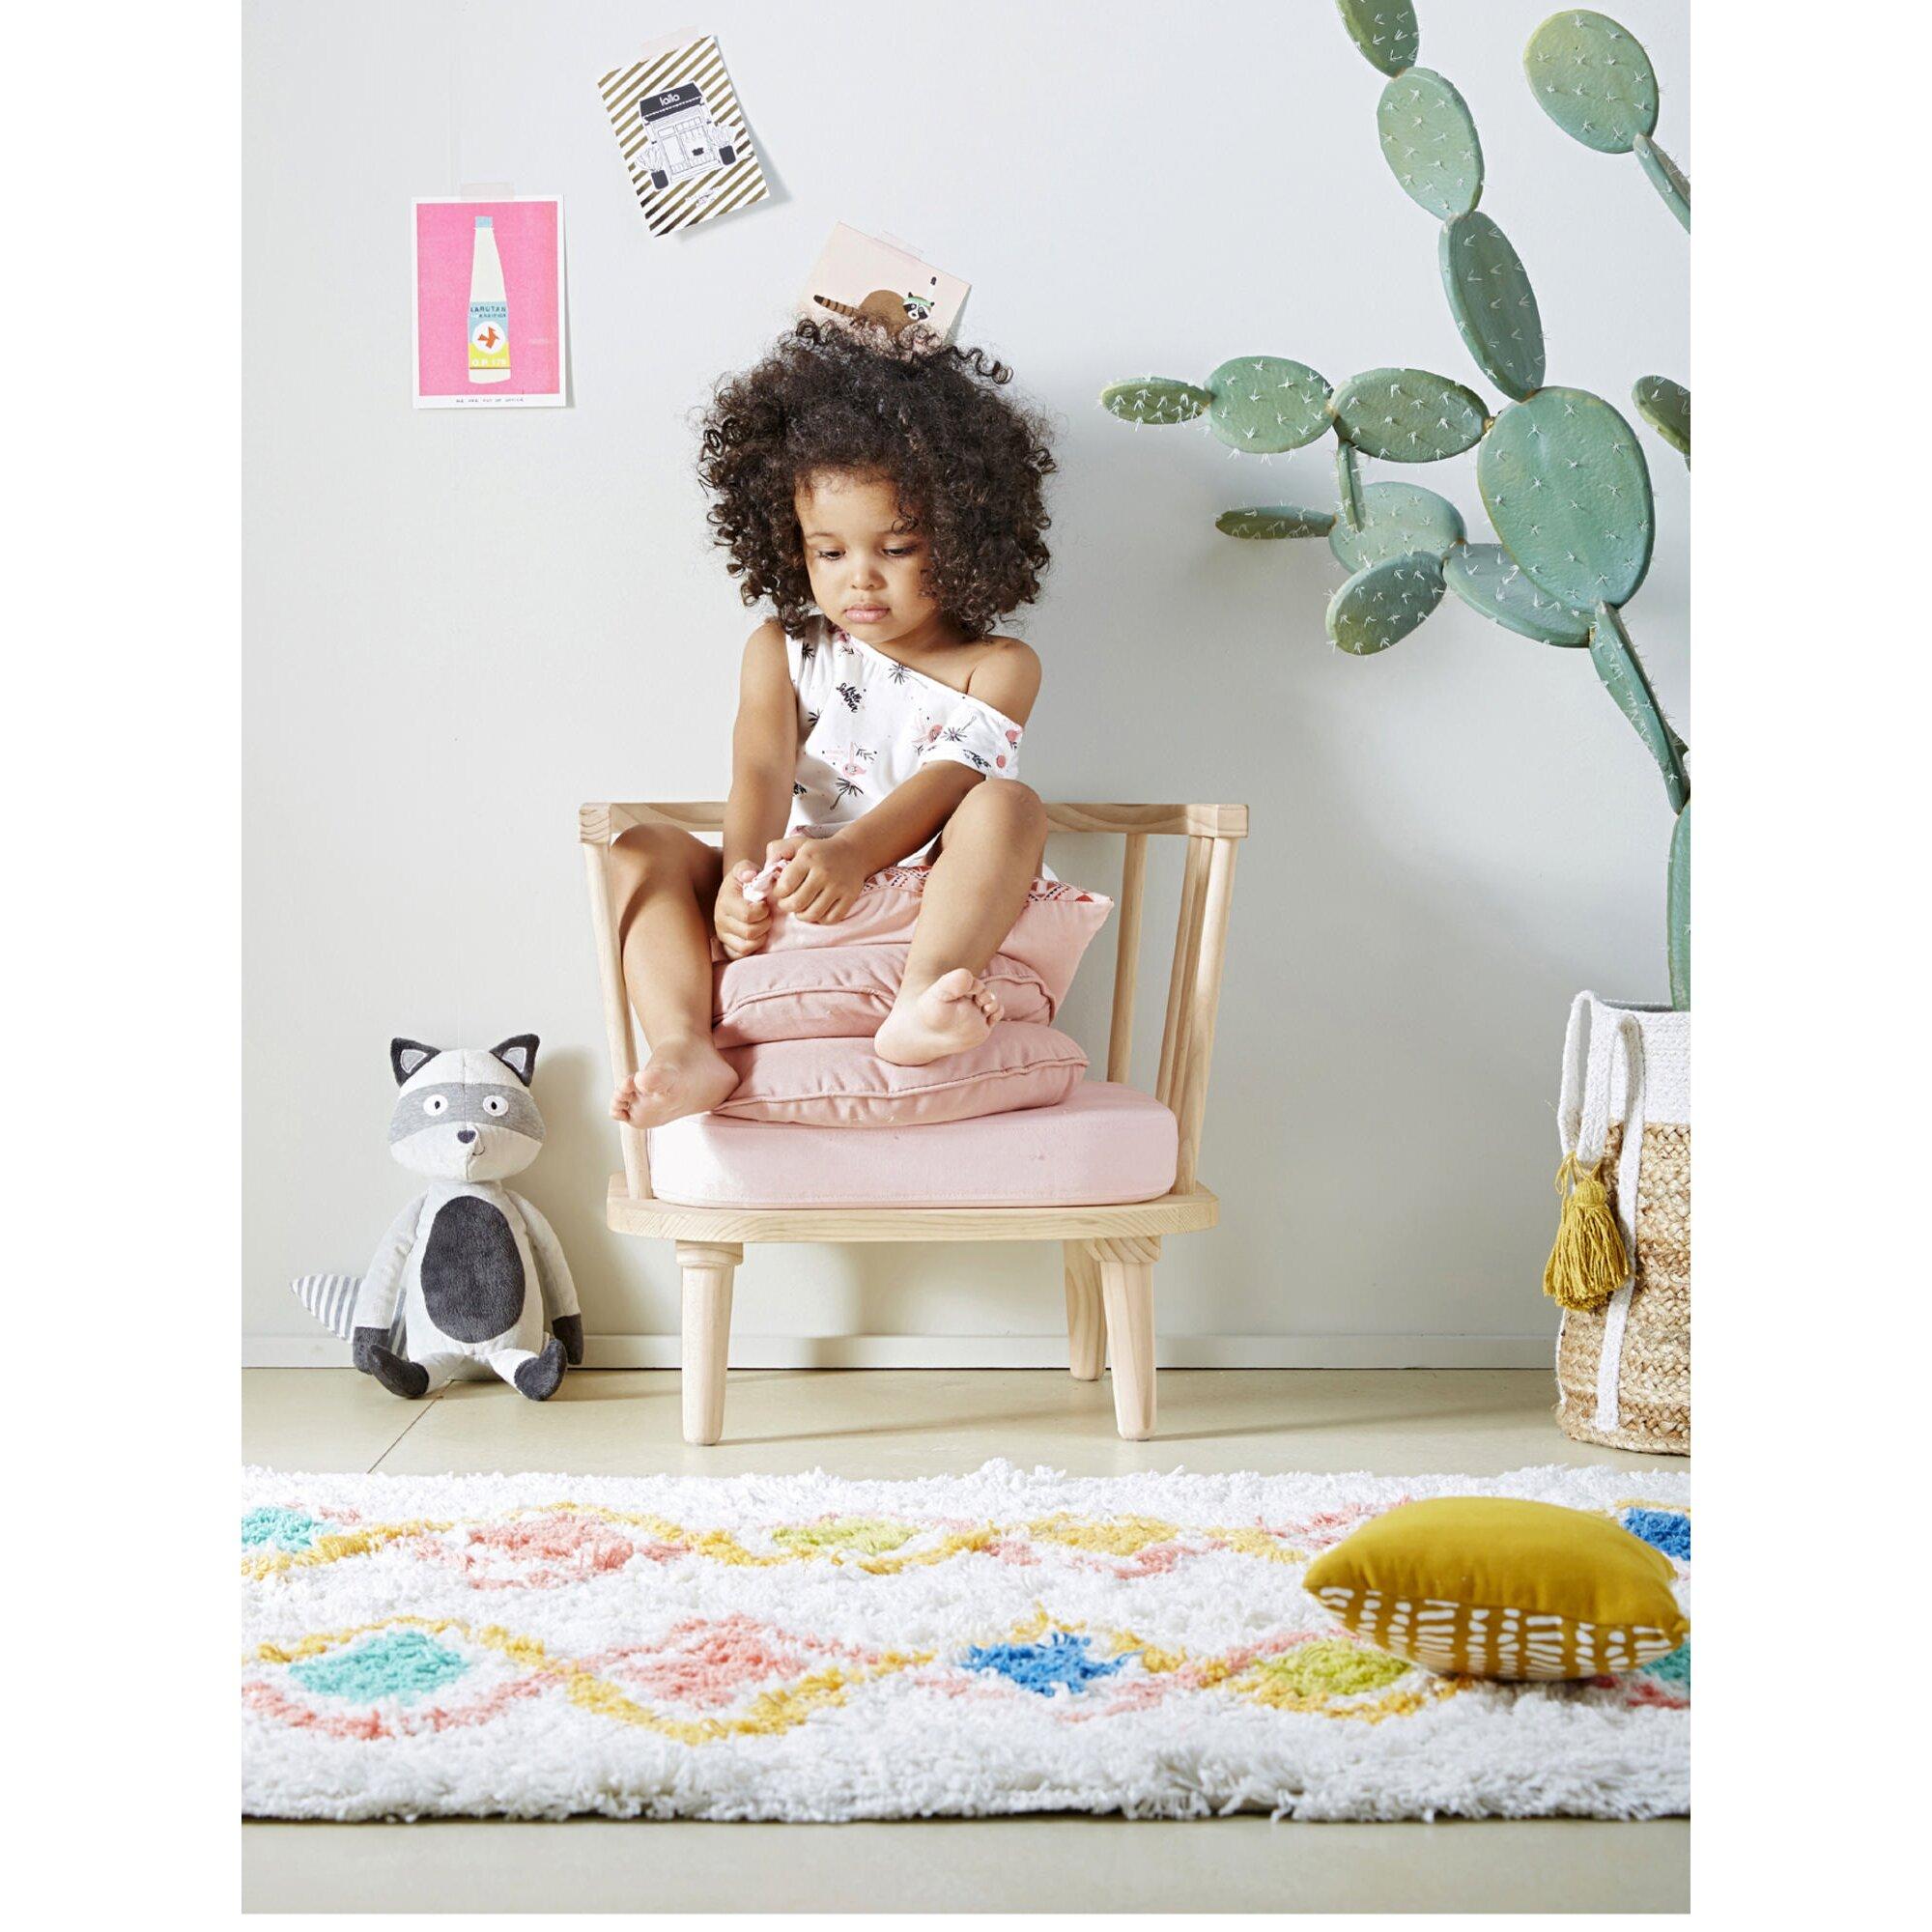 vertbaudet-hochflor-teppich-harlekin-baumwolle-mehrfarbig, 70.99 EUR @ babywalz-de